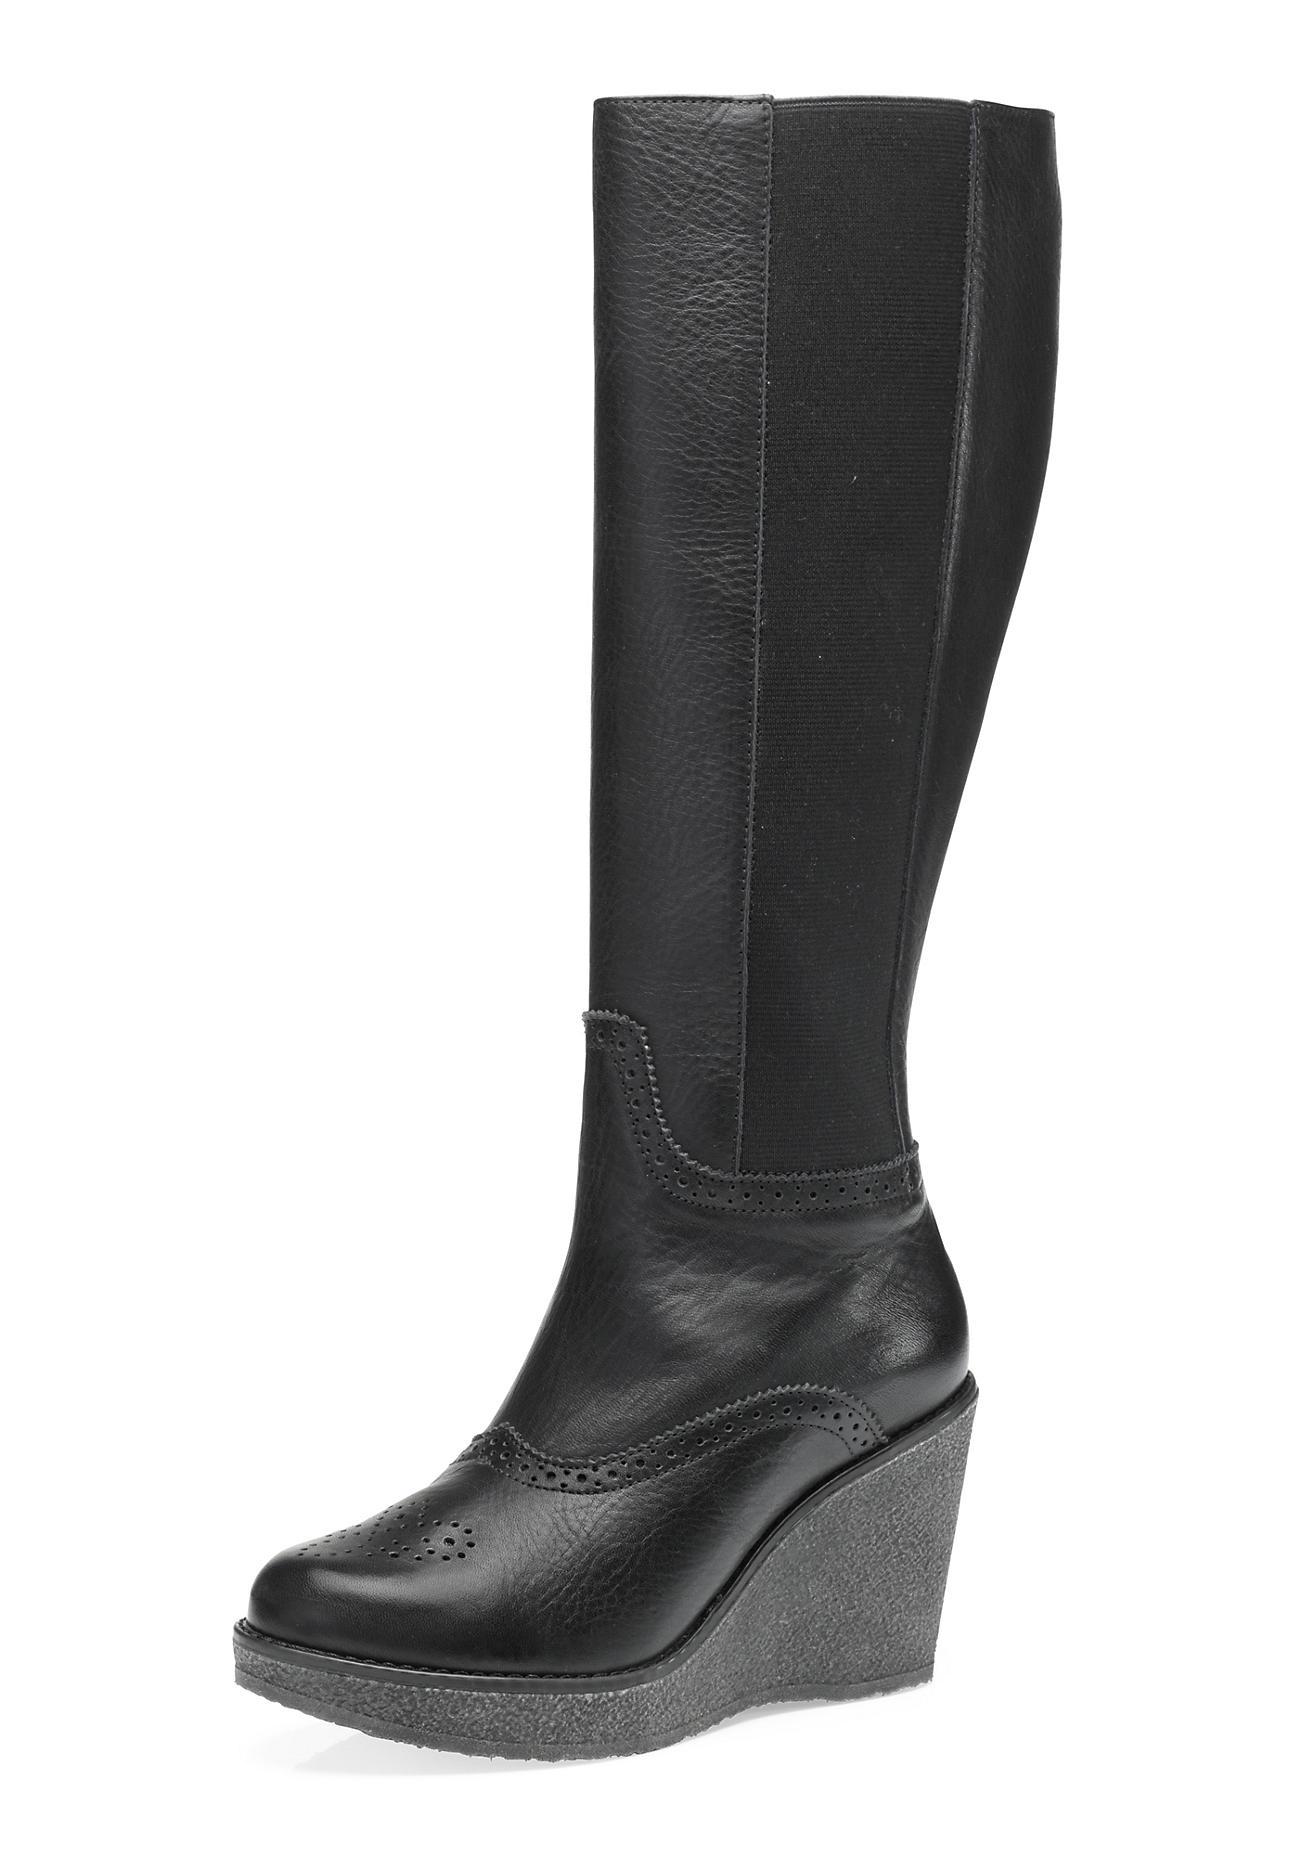 hessnatur Damen Damen Stiefel aus Leder – schwarz – Größe 41